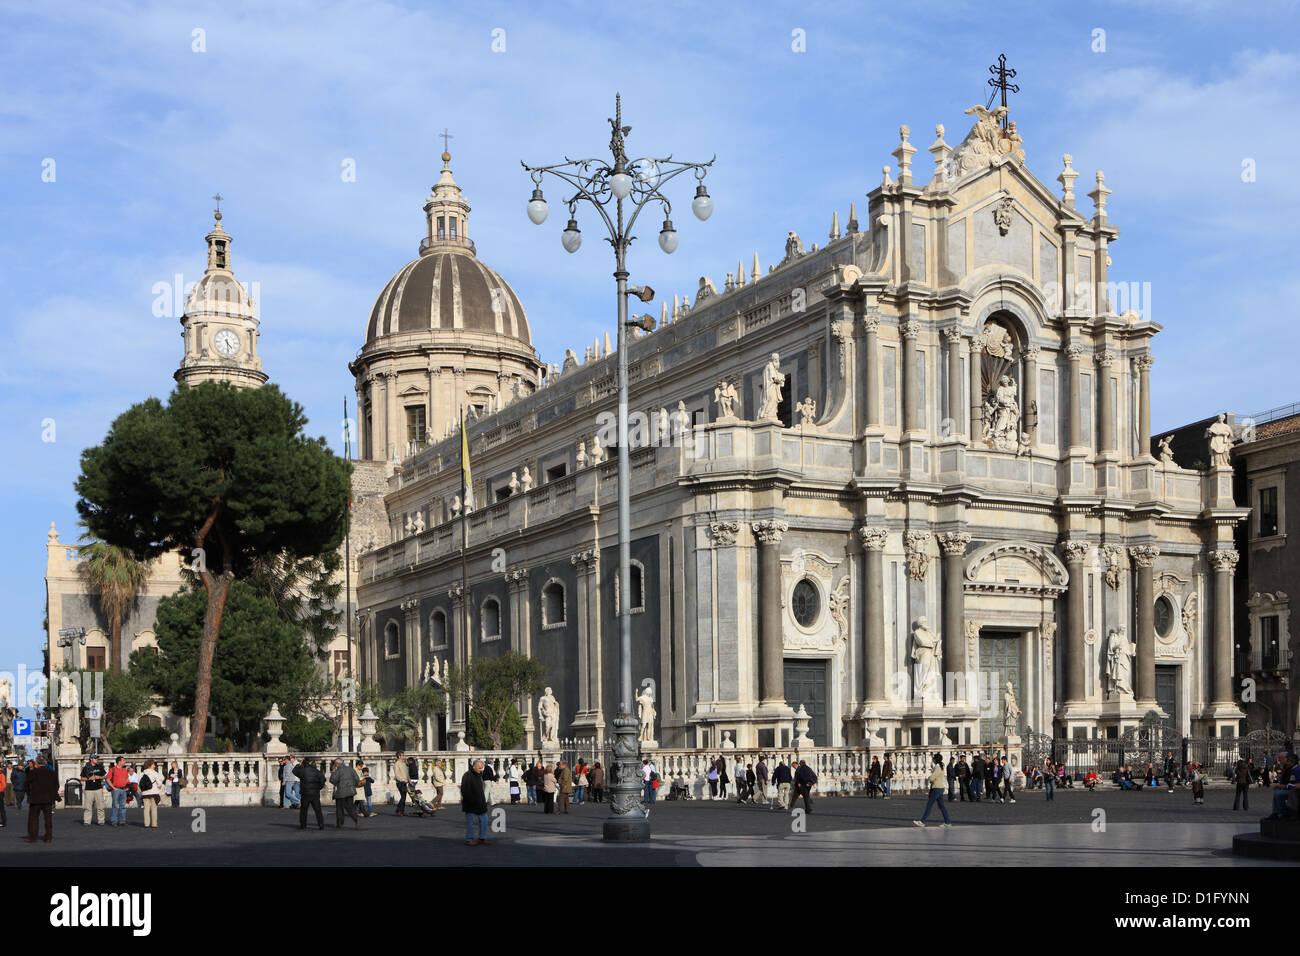 Dom, Catania, Sizilien, Italien, Europa Stockbild